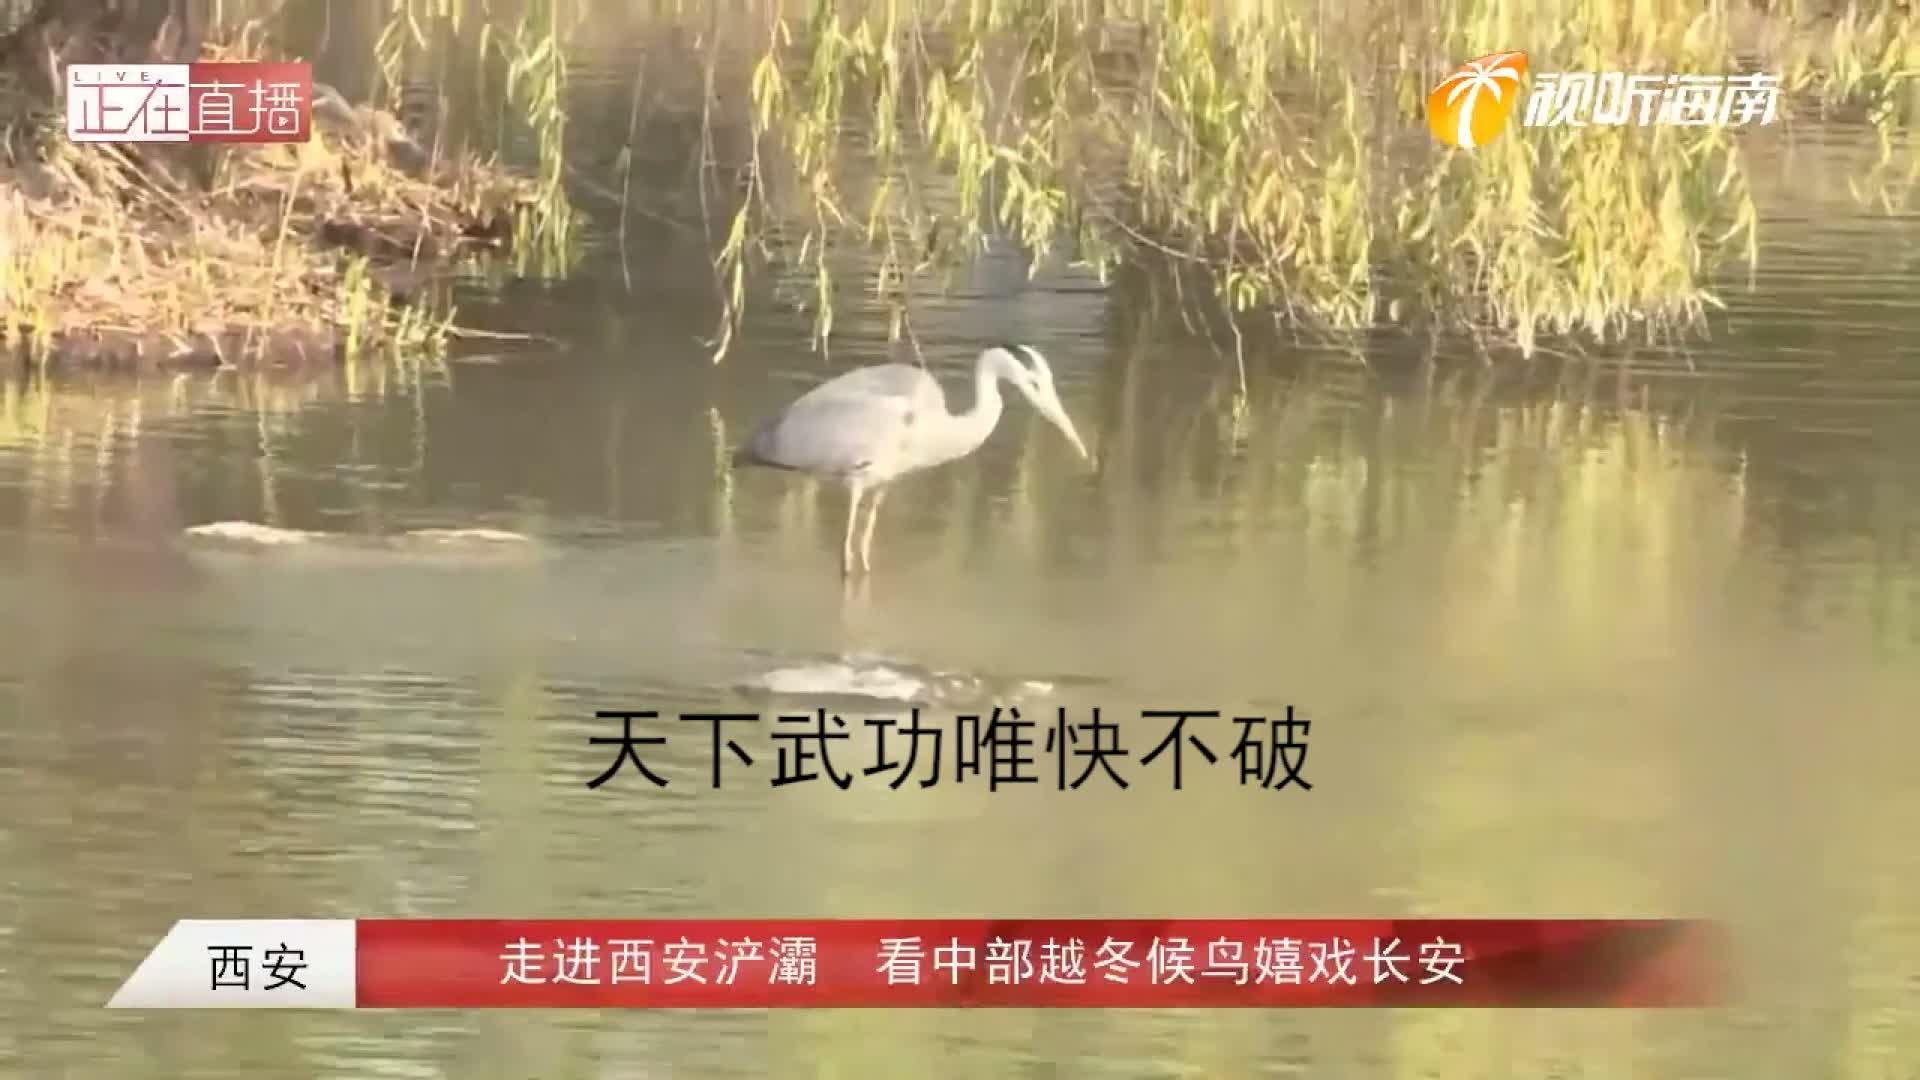 东部候鸟迁徙之路:候鸟倒立吃食,唯快不破,这波操作稳了!